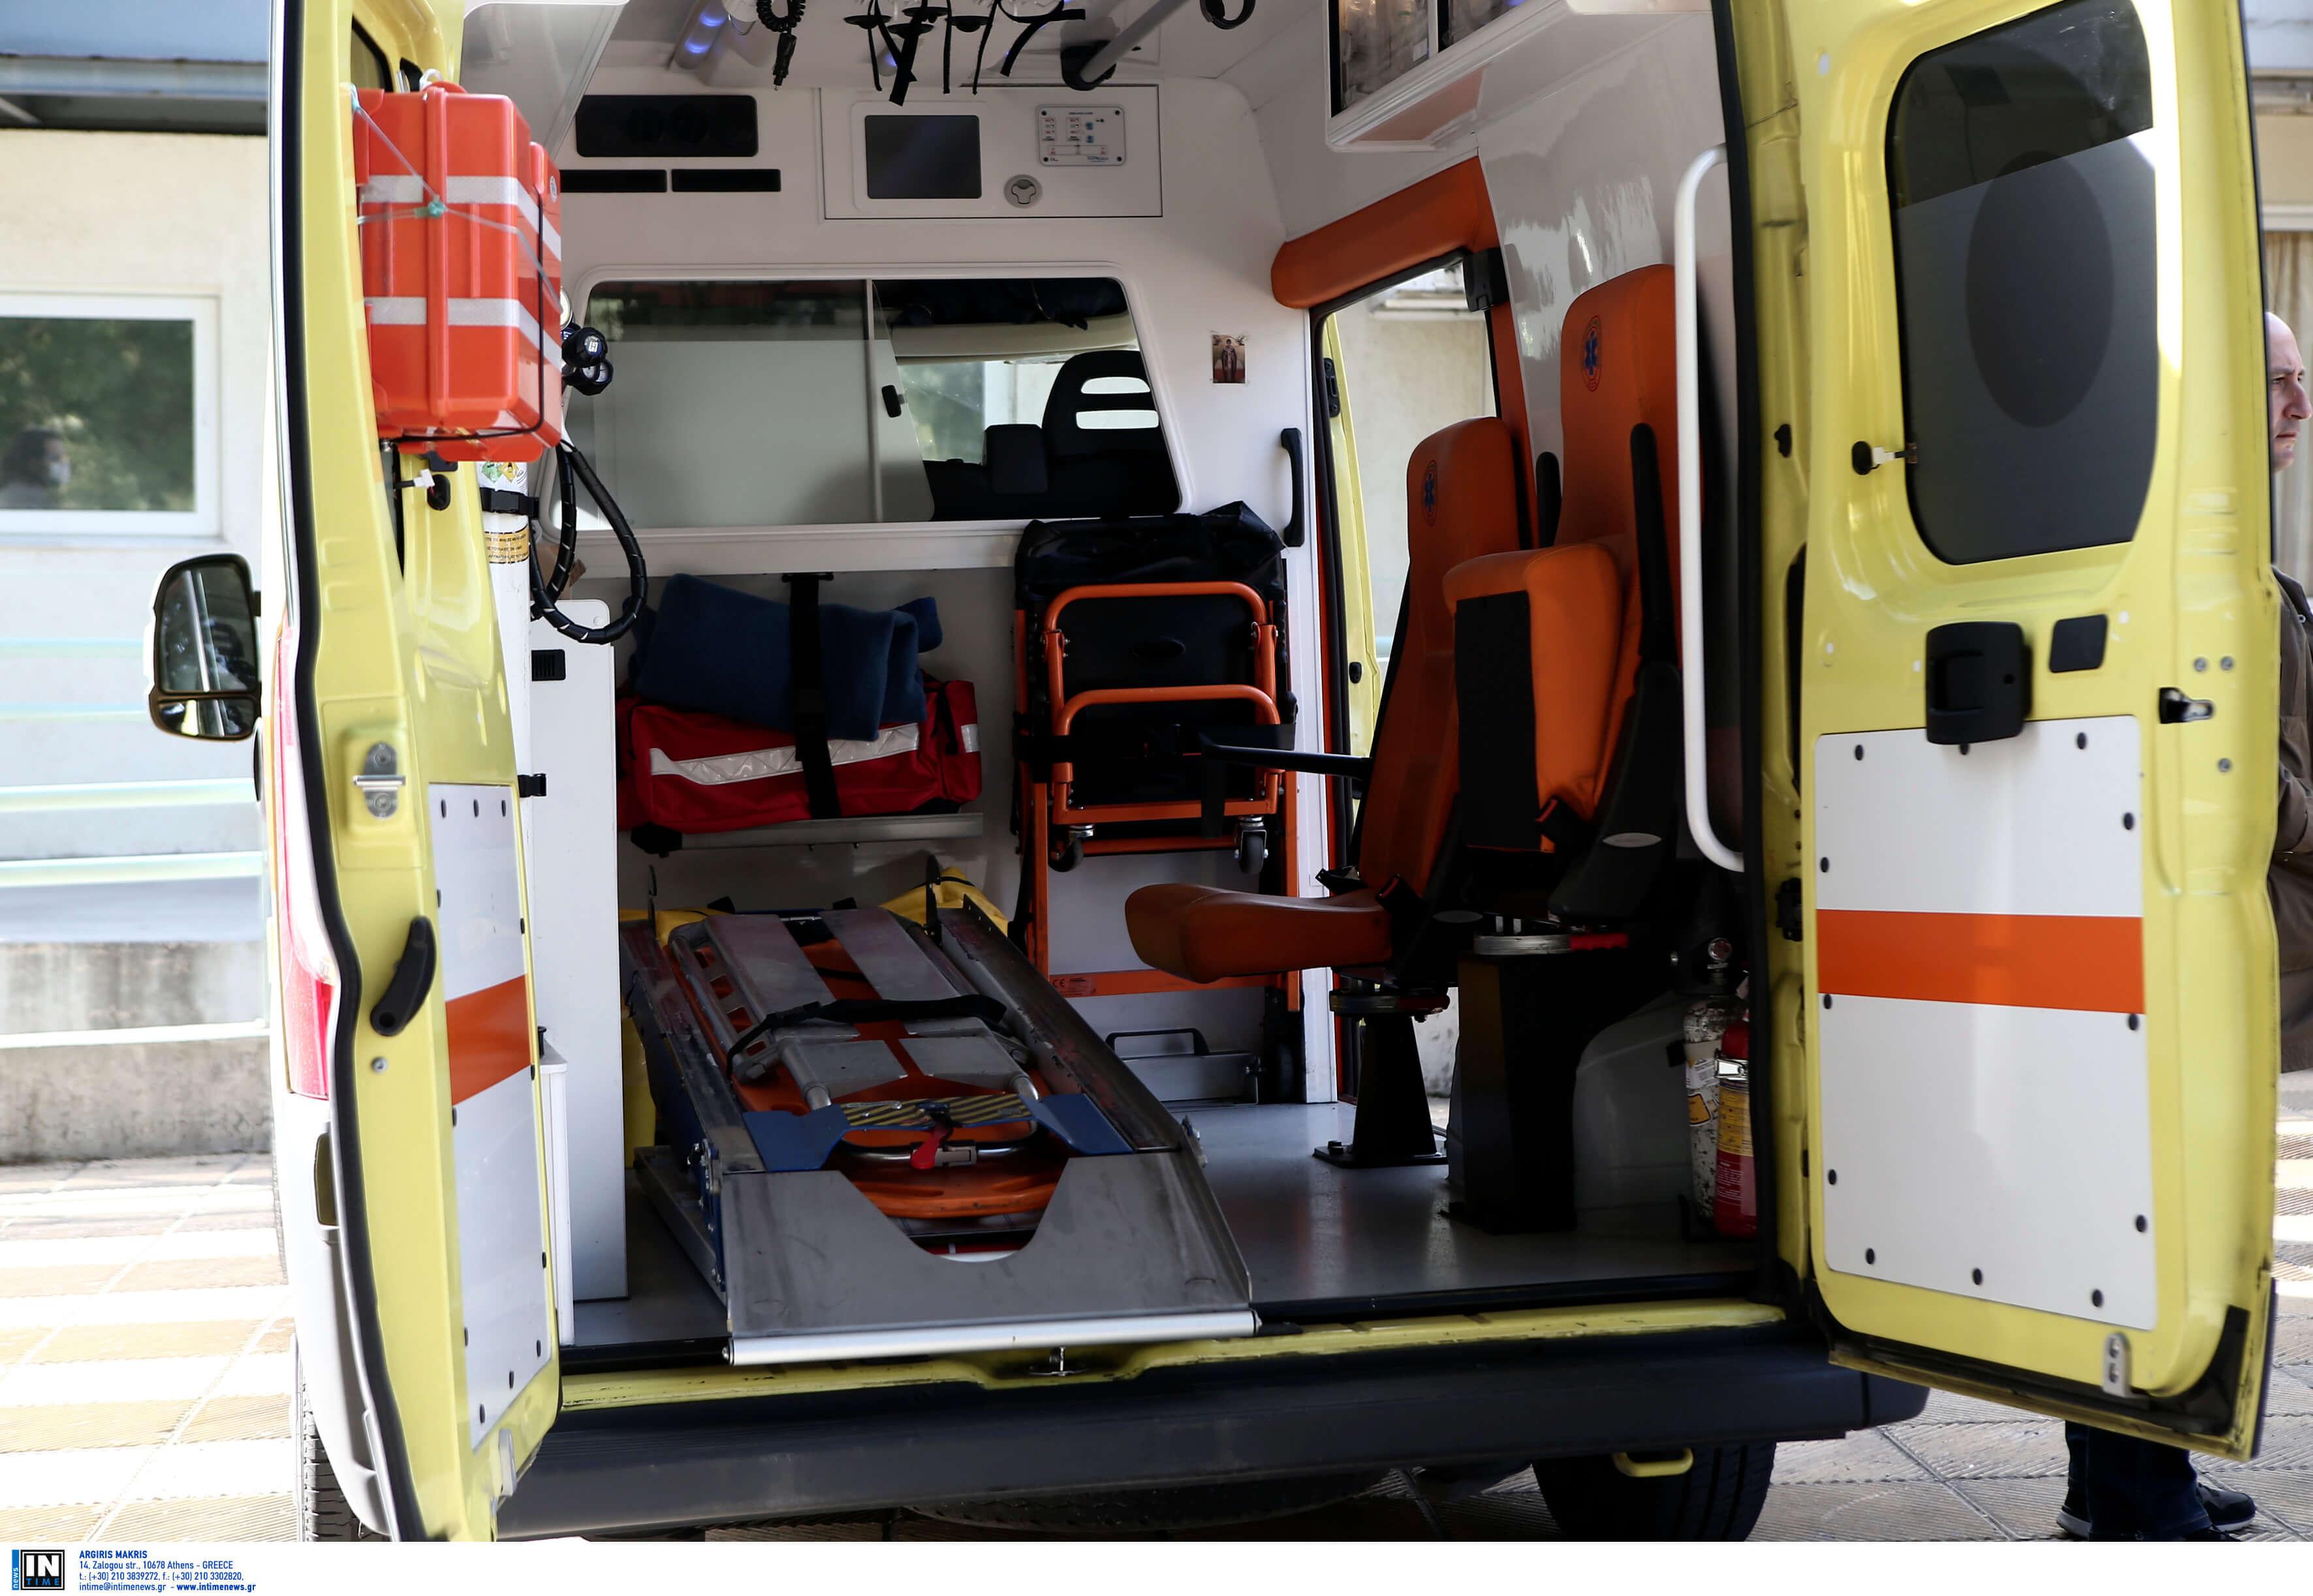 Άρτα: Φορτηγό έκανε όπισθεν και σκότωσε άστεγο – Τραυματίστηκε σοβαρά και μία γυναίκα!